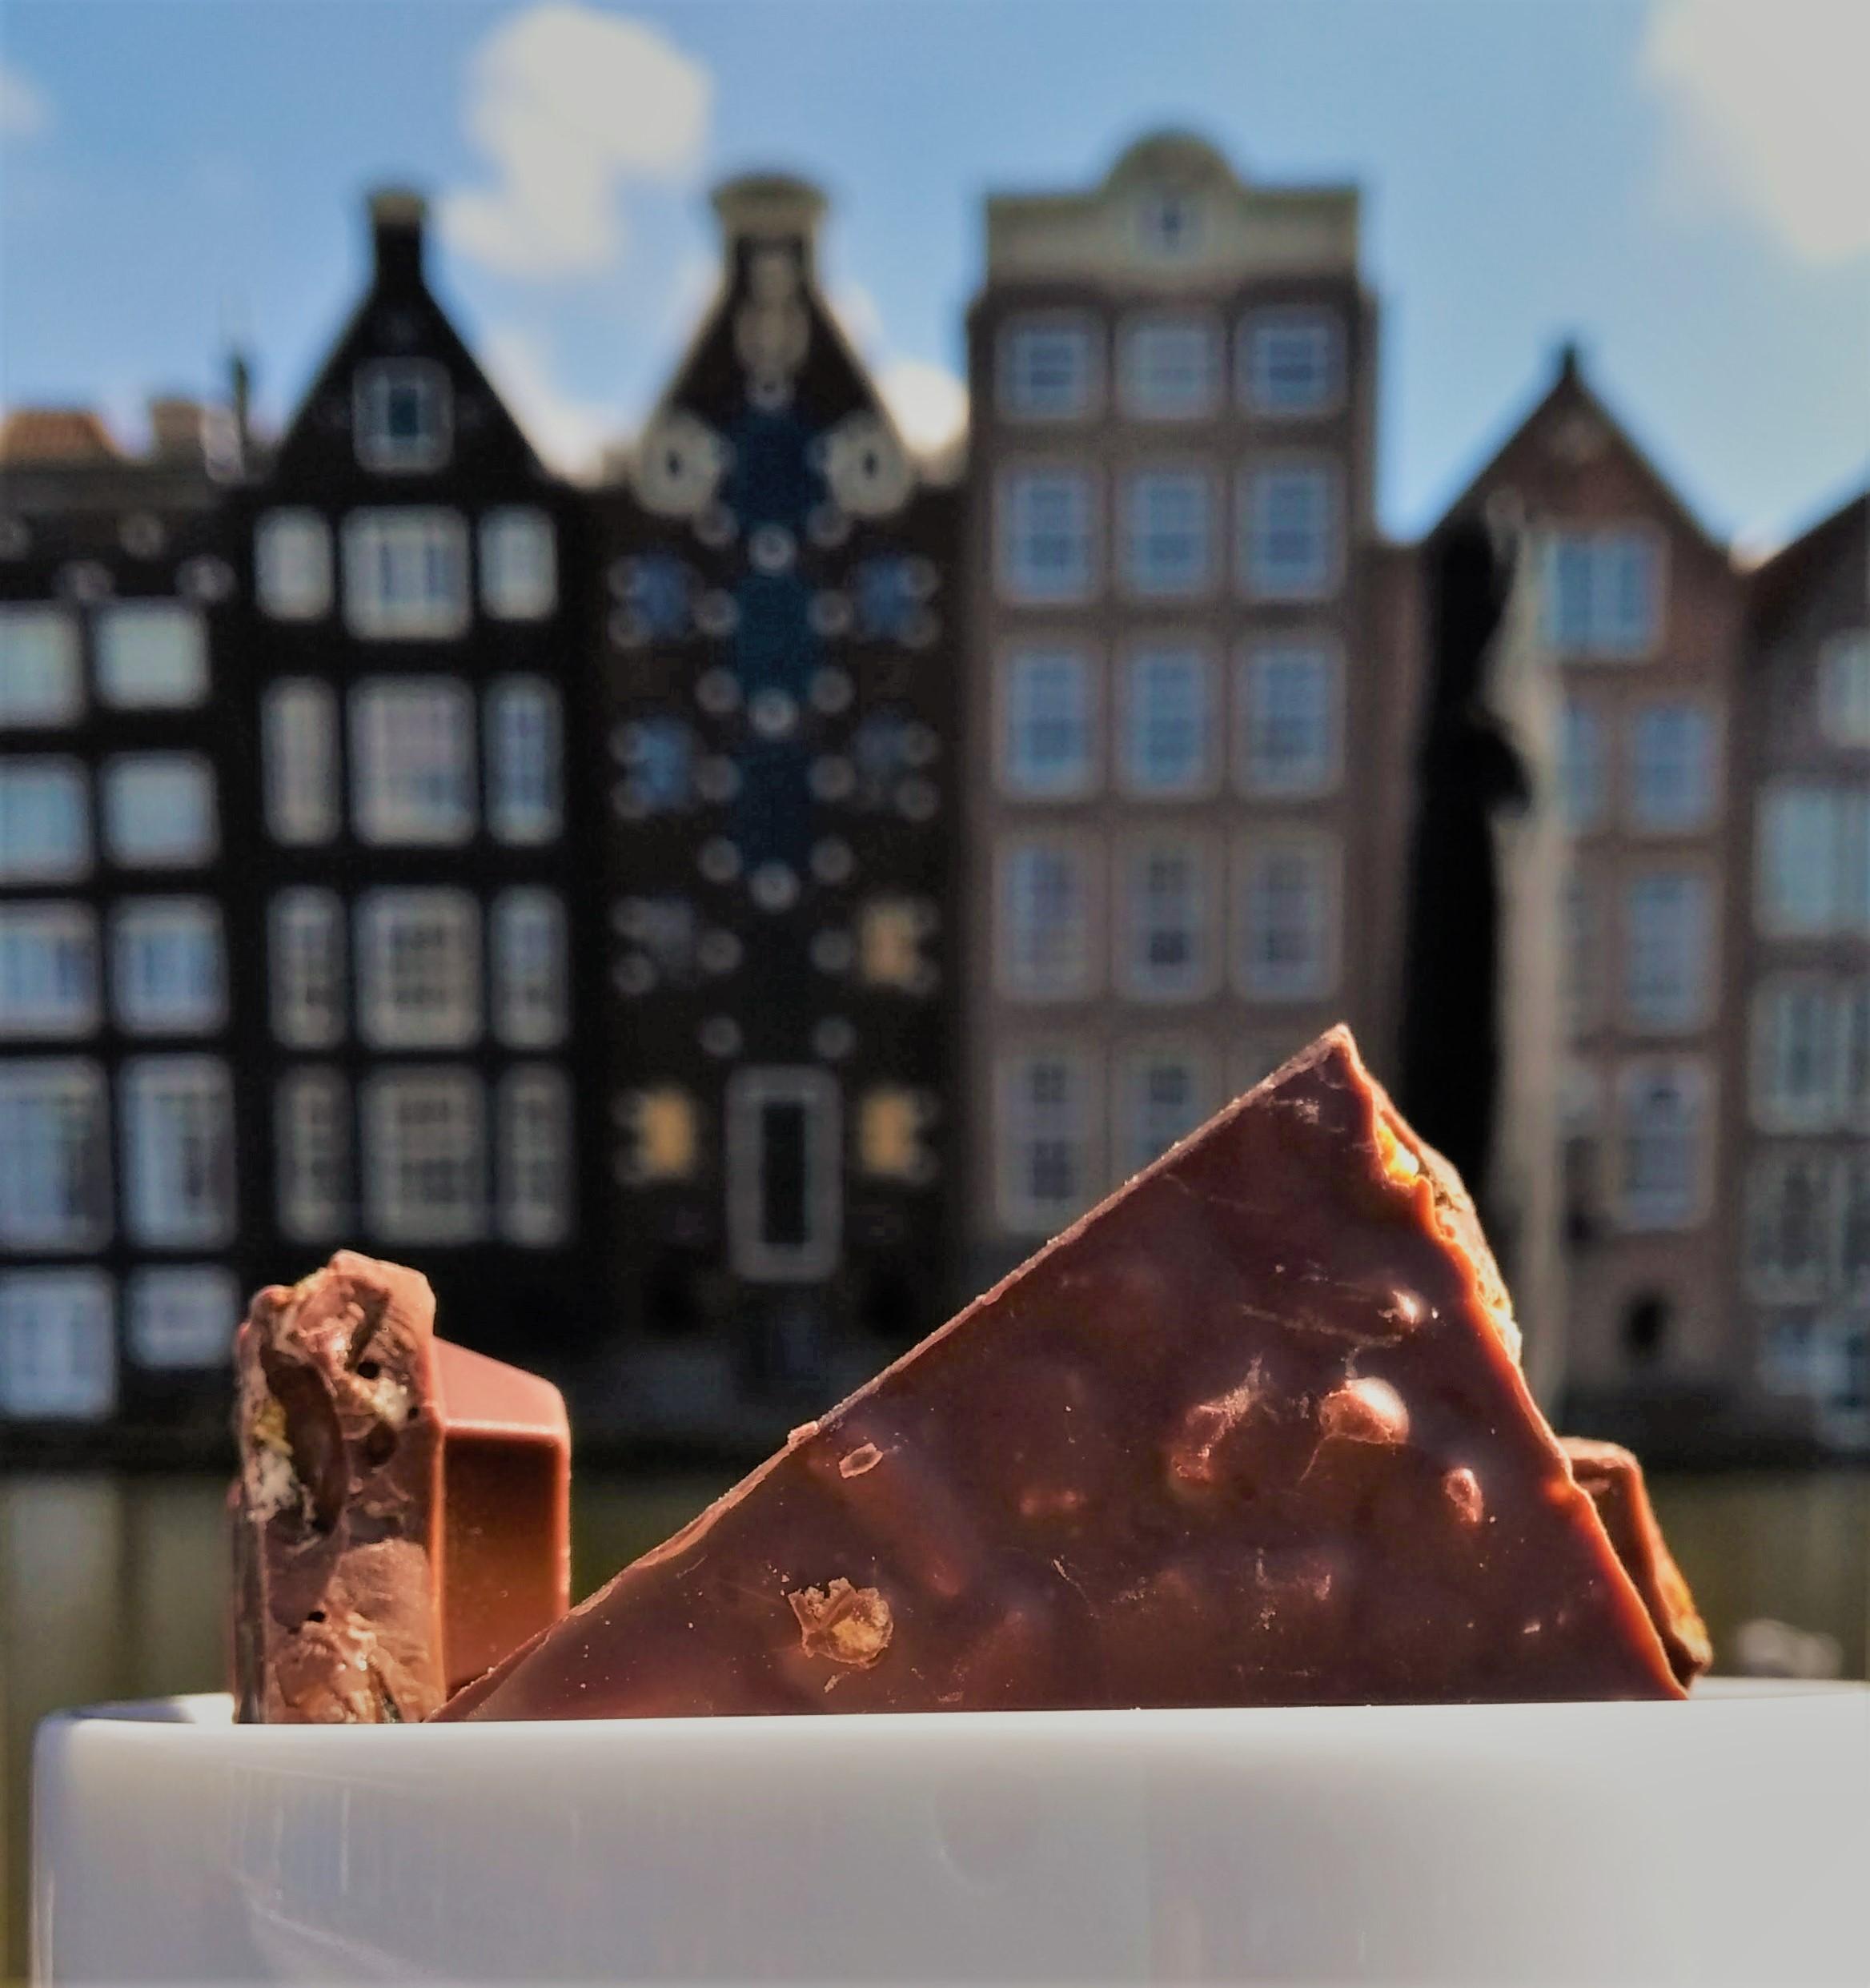 De beste chocoladewinkels in Amsterdam